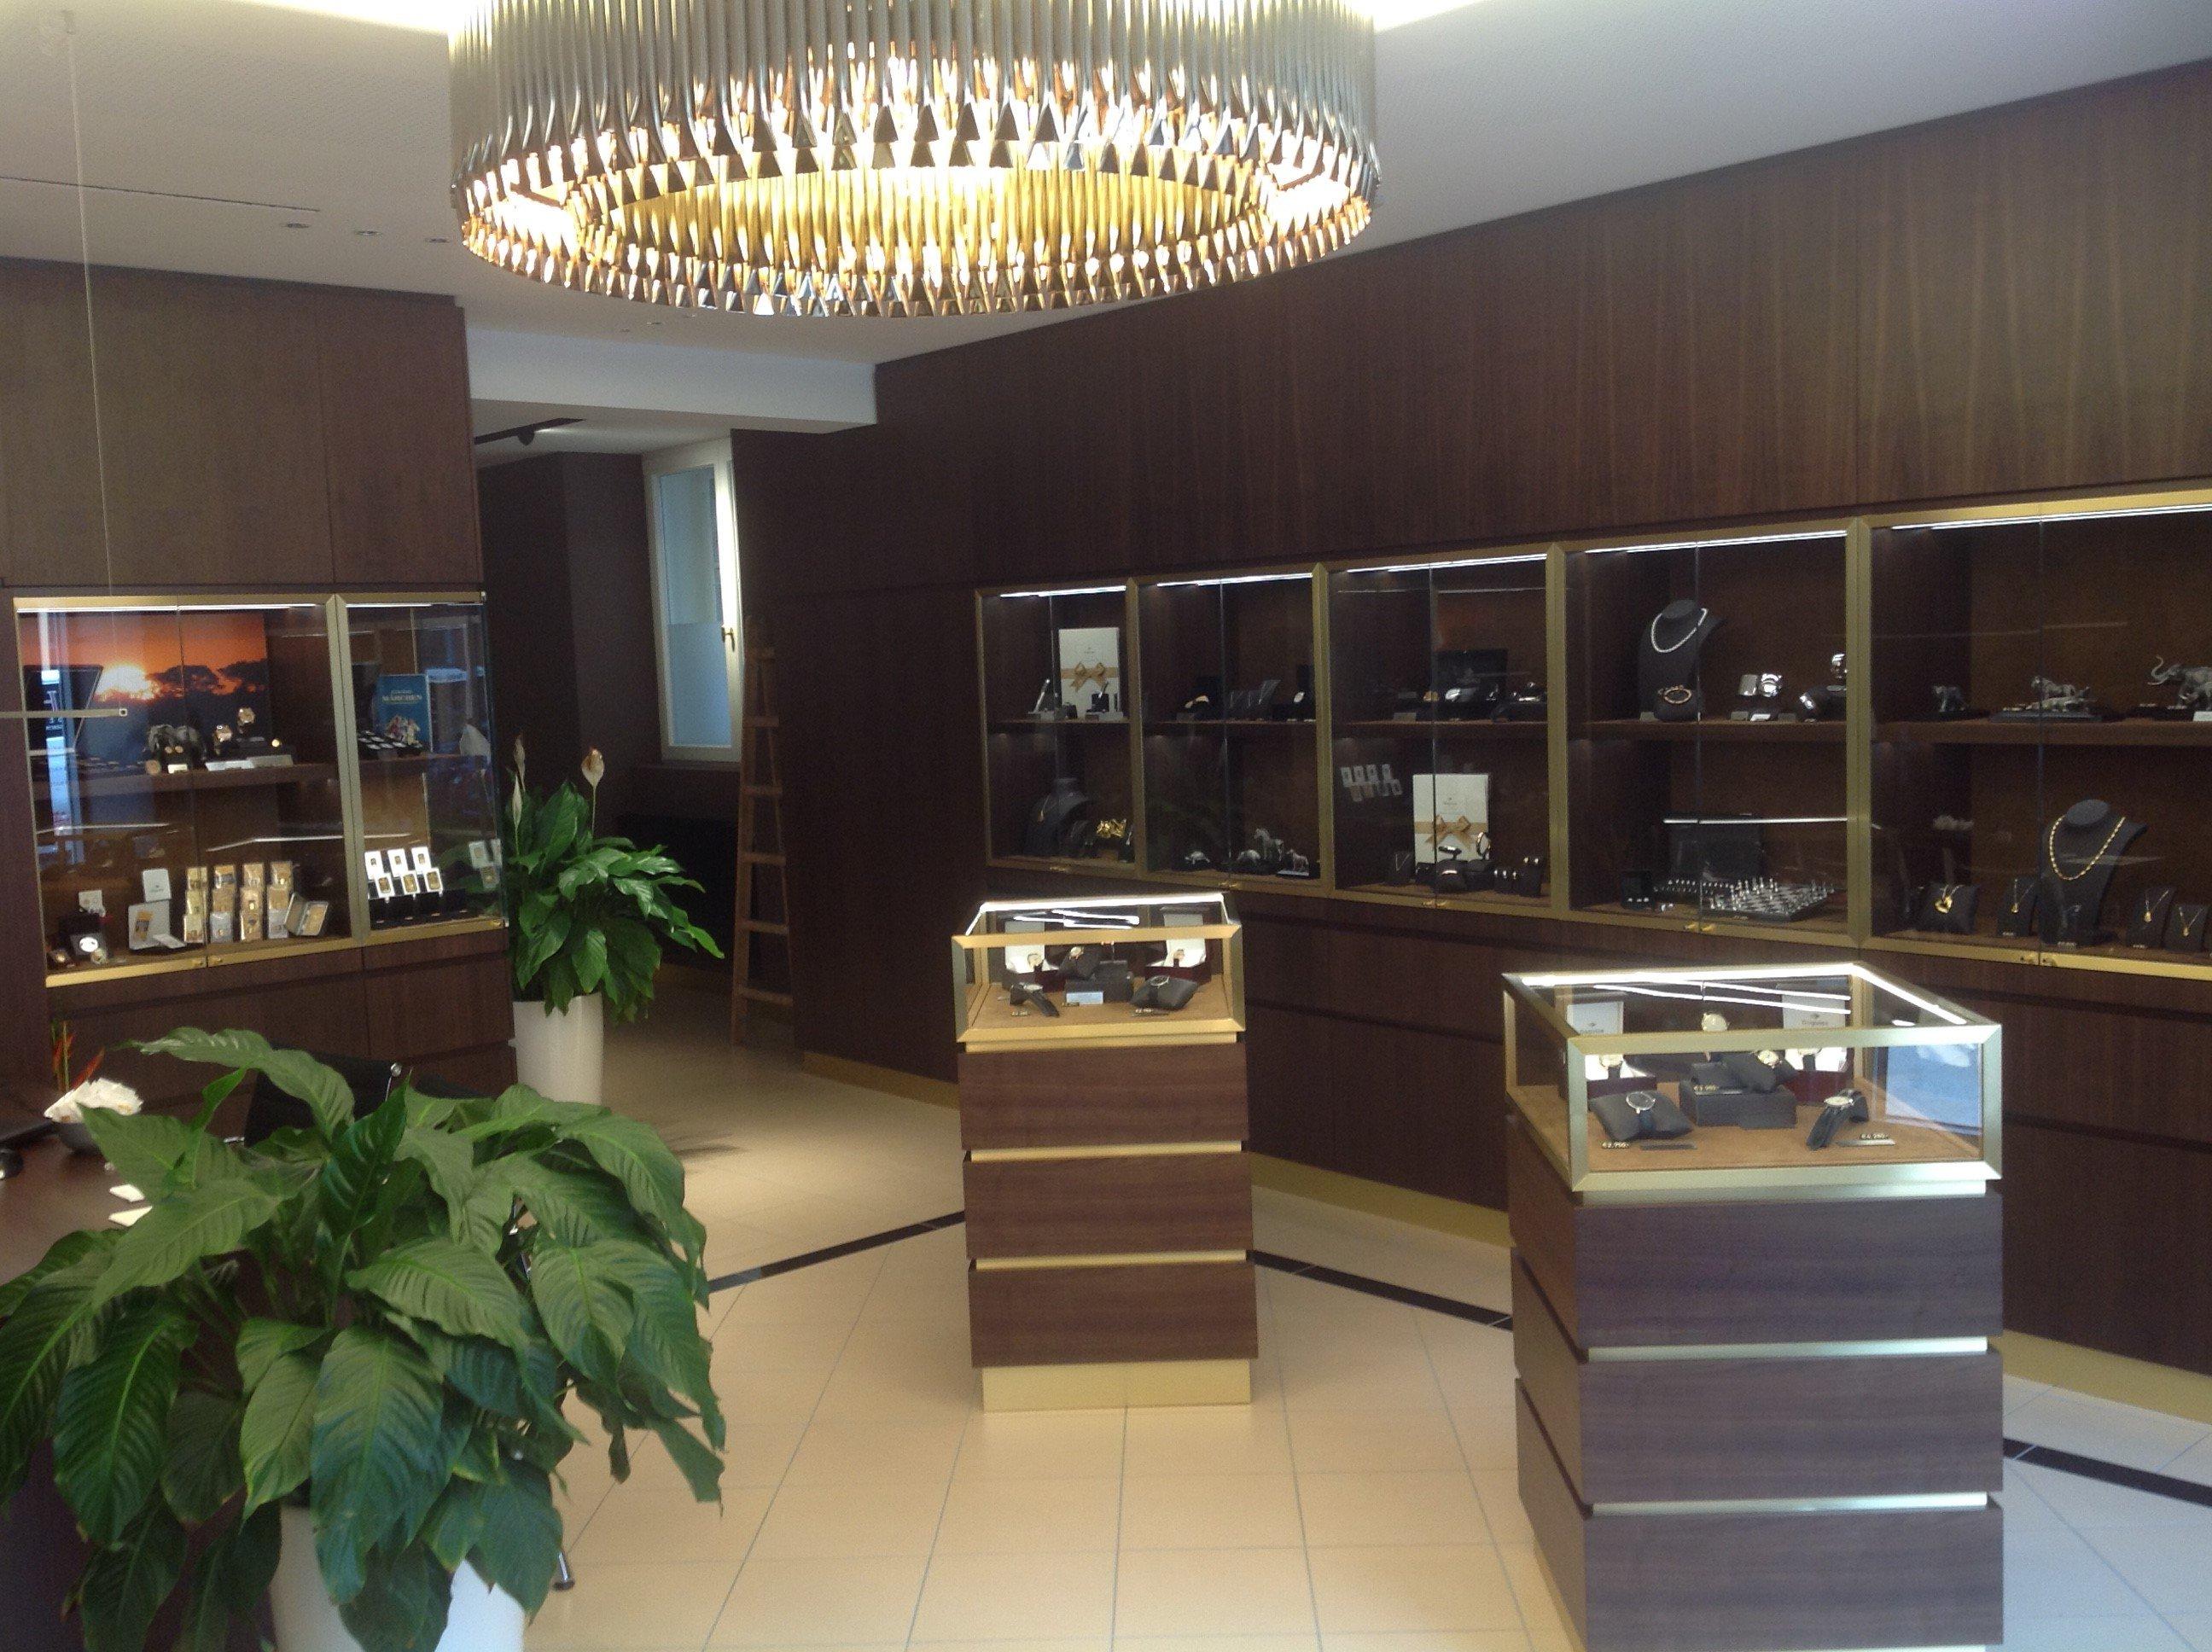 degussa niederlassung augsburg innenraumdegussa goldhandel